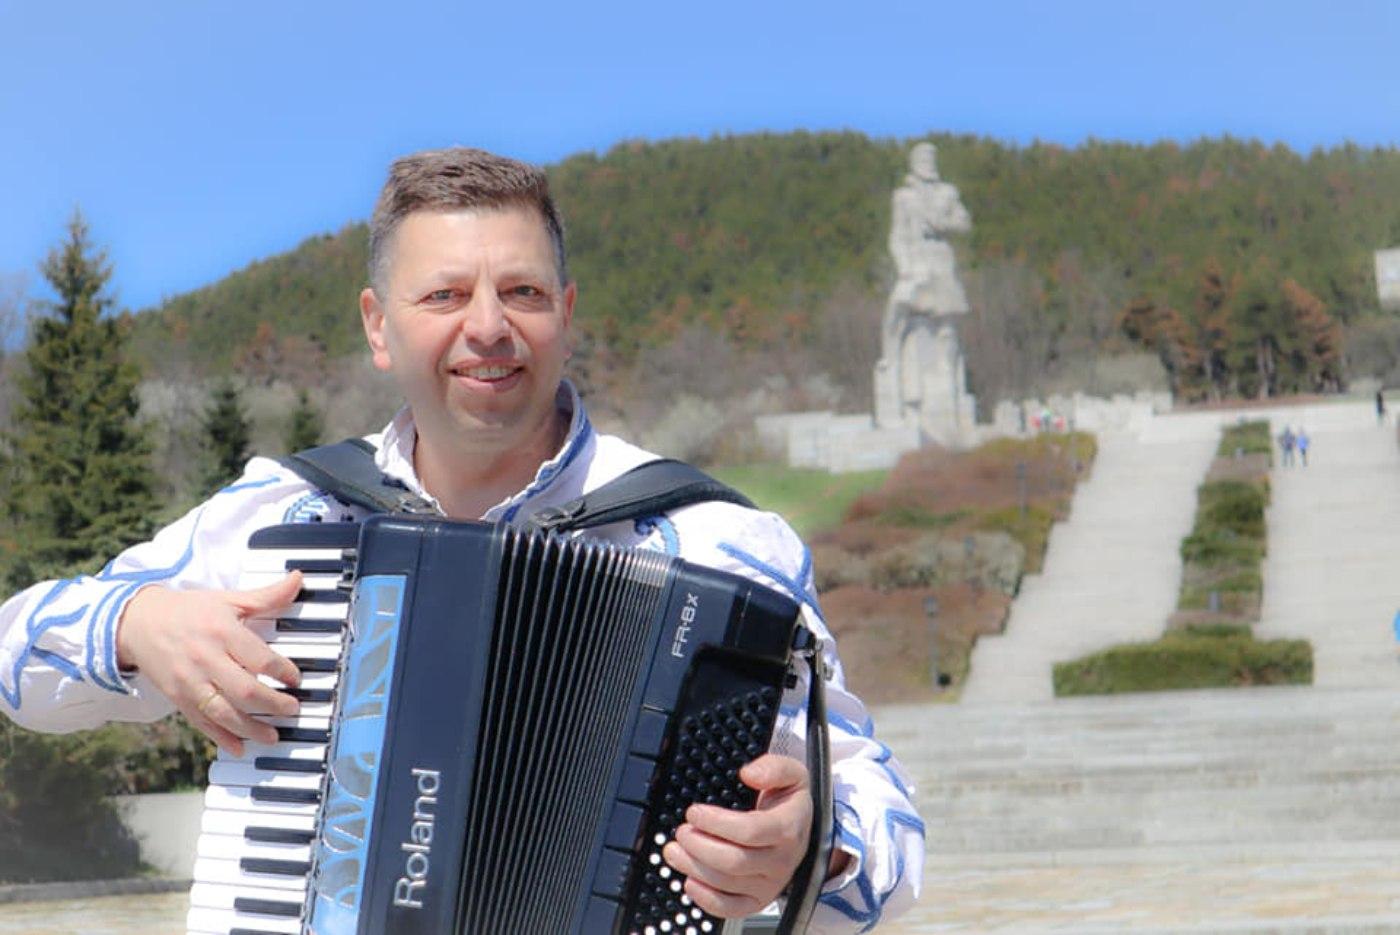 Пламен Димитров посреща рожден ден с нови песни